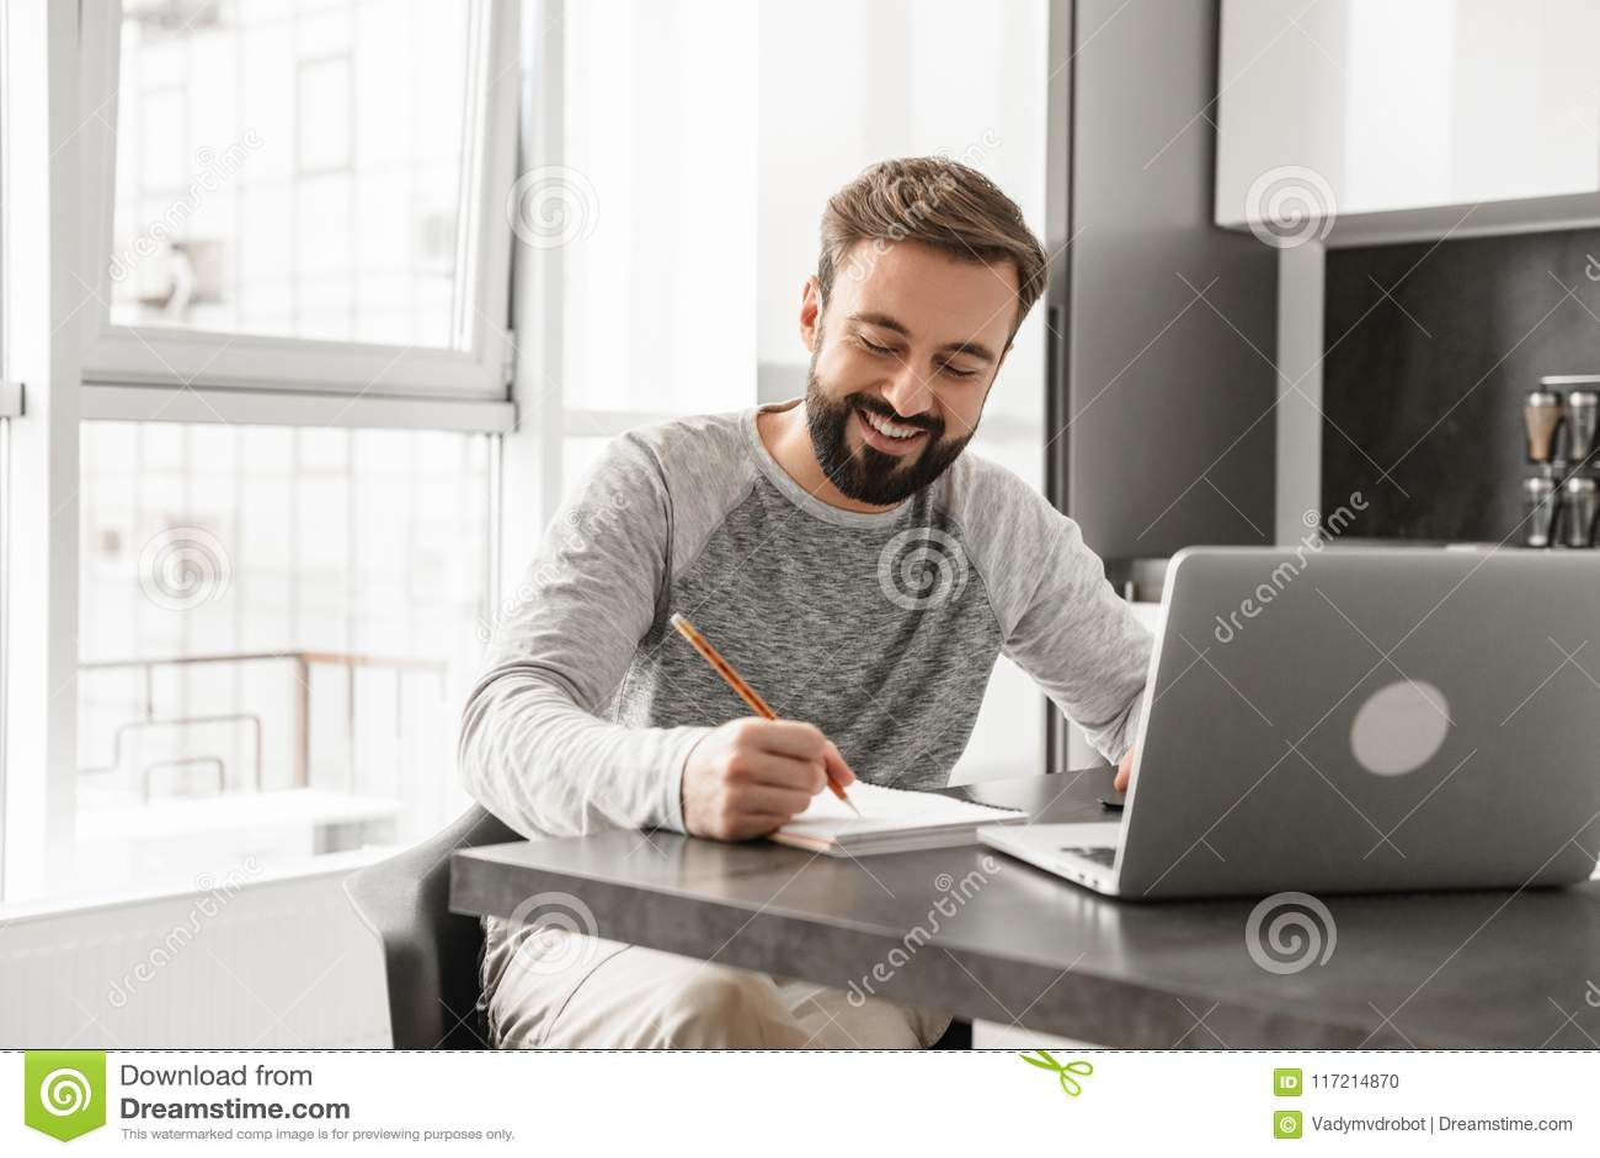 Portret uśmiechnięty młody człowiek pracuje na laptopie